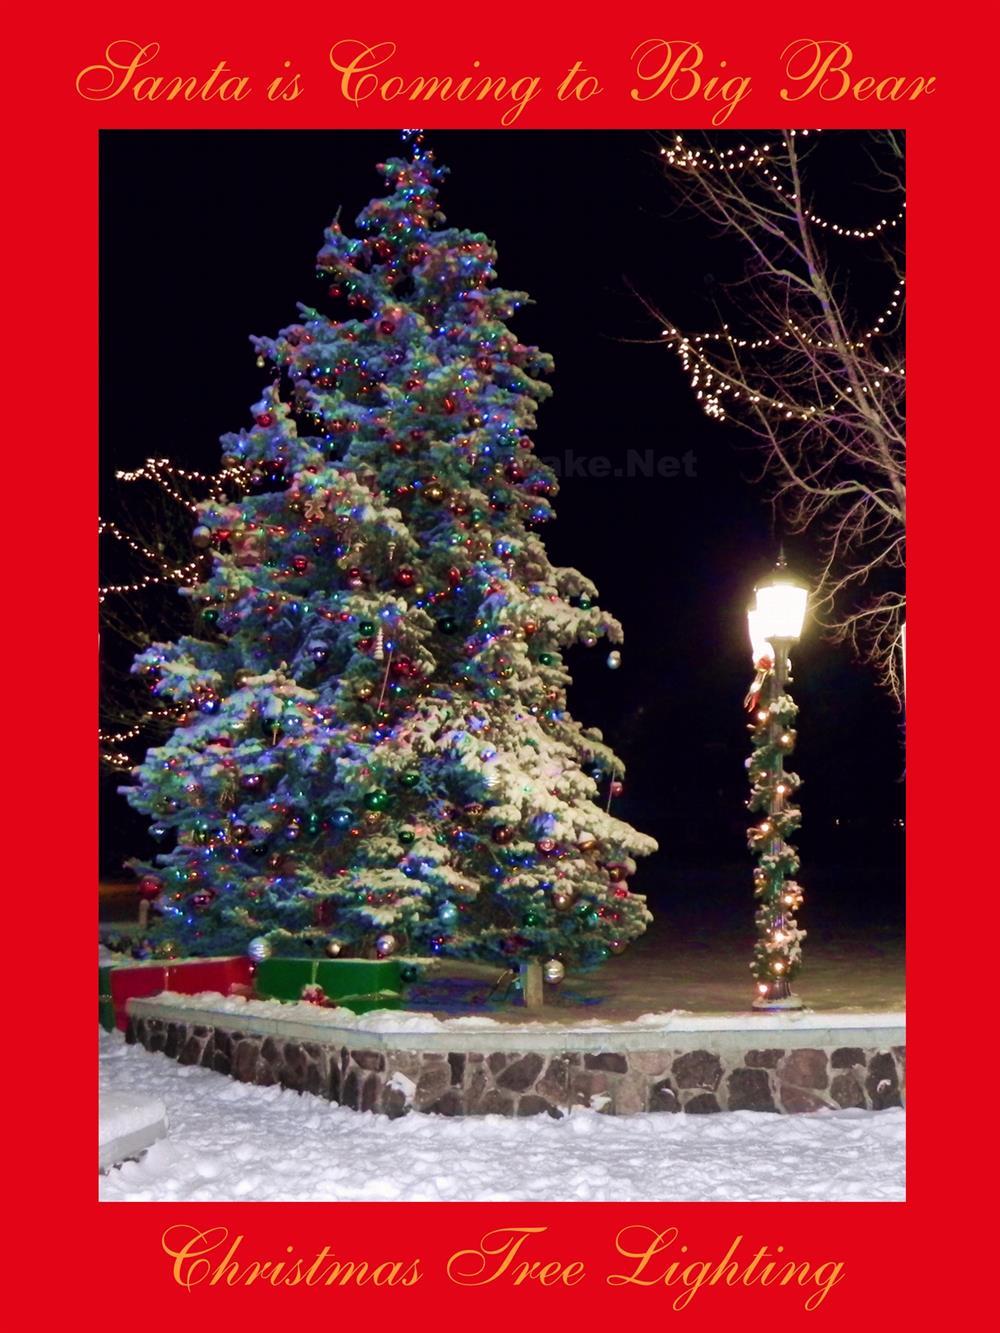 Big Bear Christmas.Christmas Tree Lighting Big Bear Lake 2018